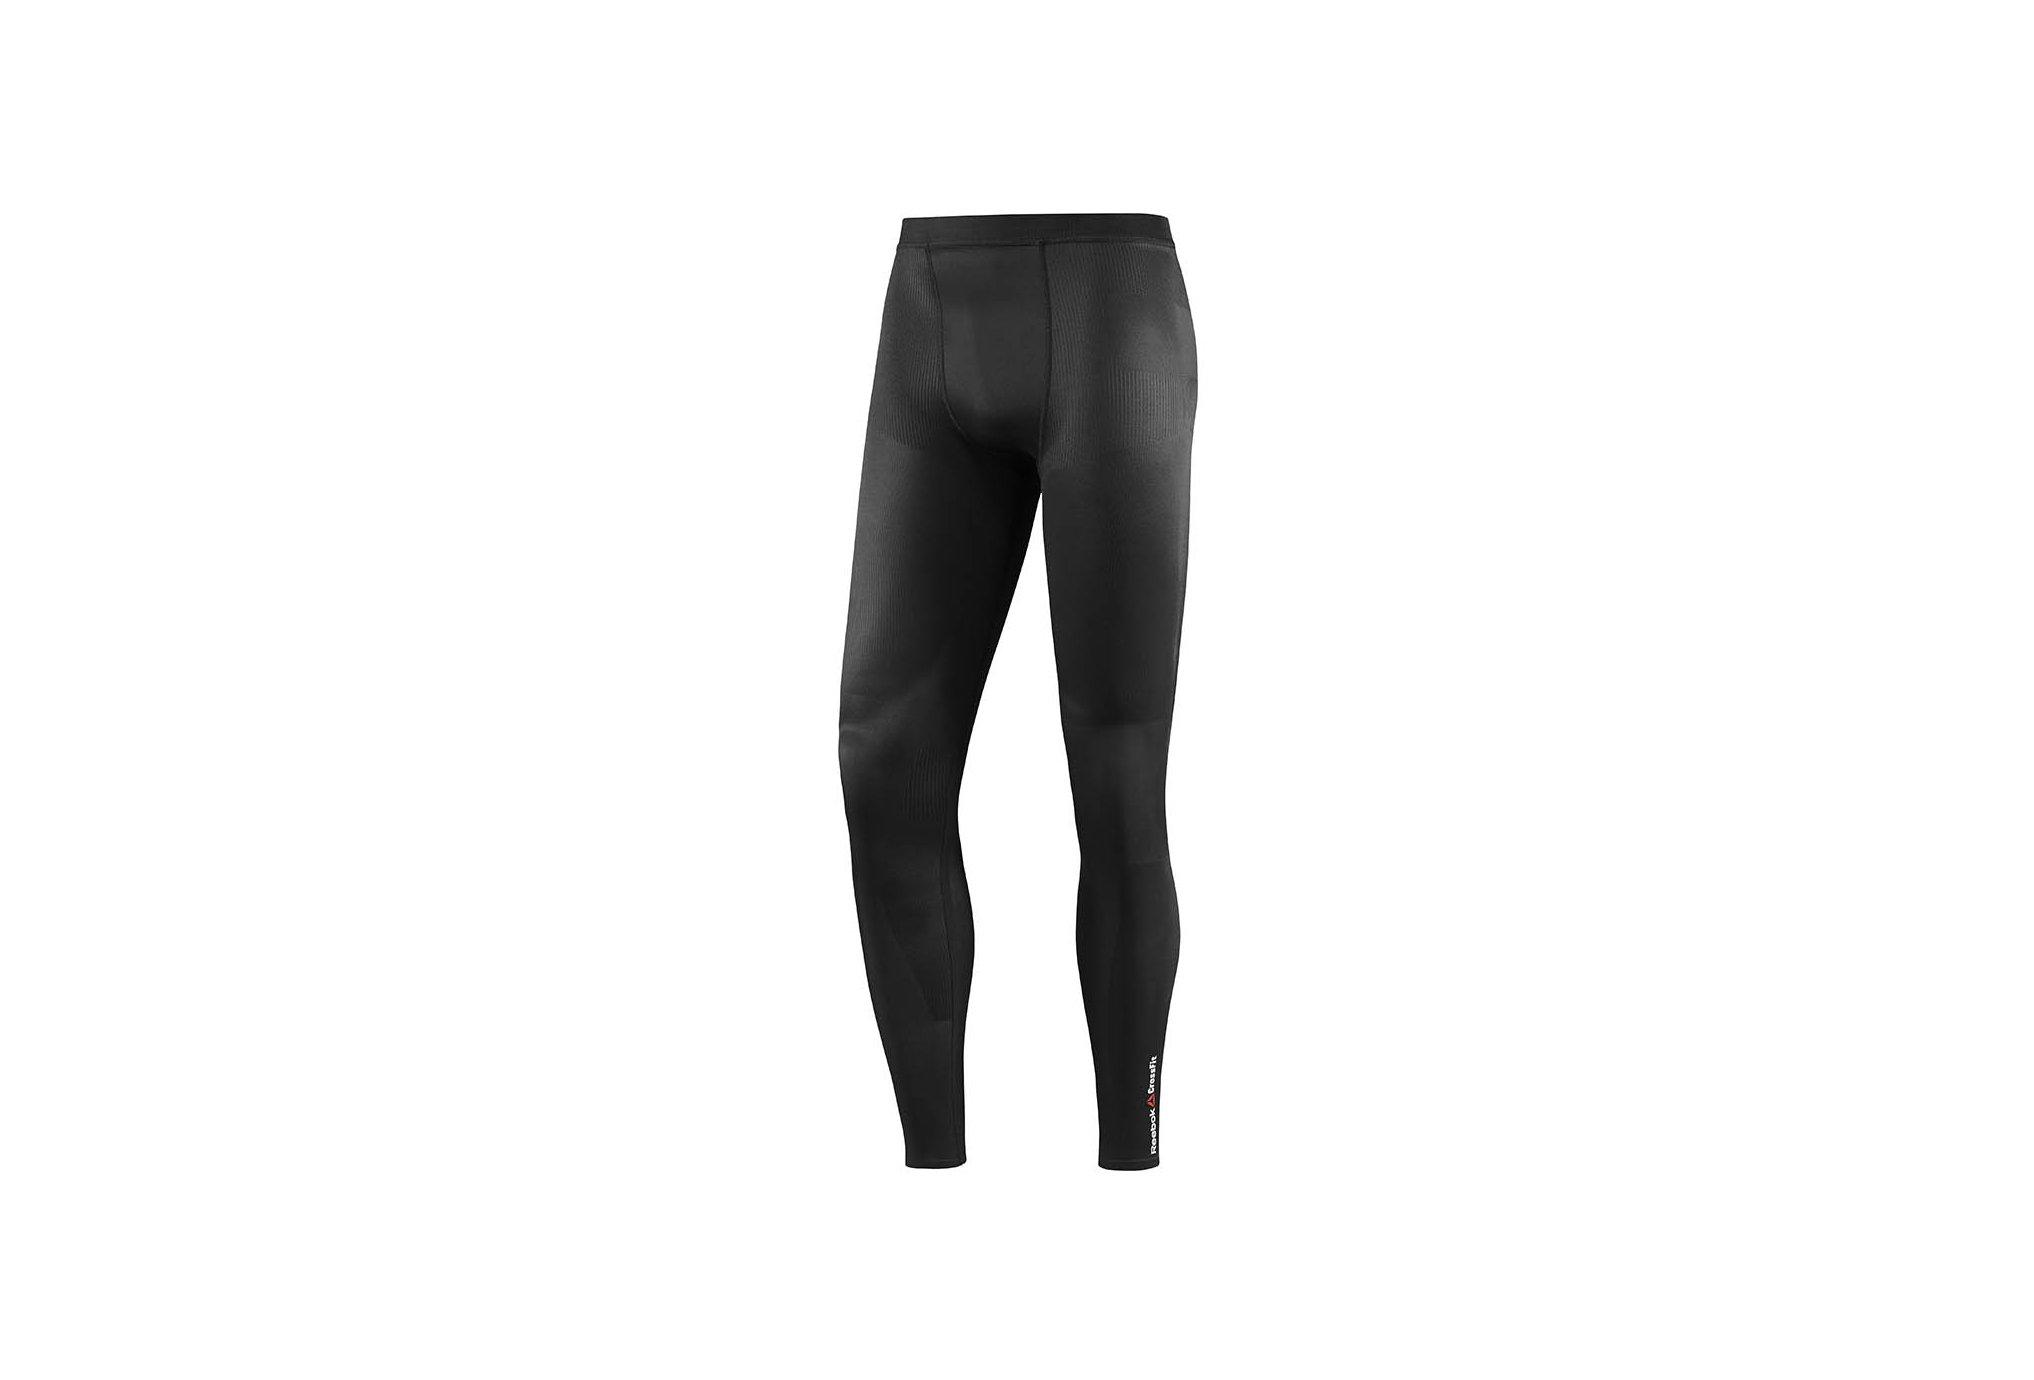 Reebok Collant CrossFit Adaptation M Diététique Vêtements homme